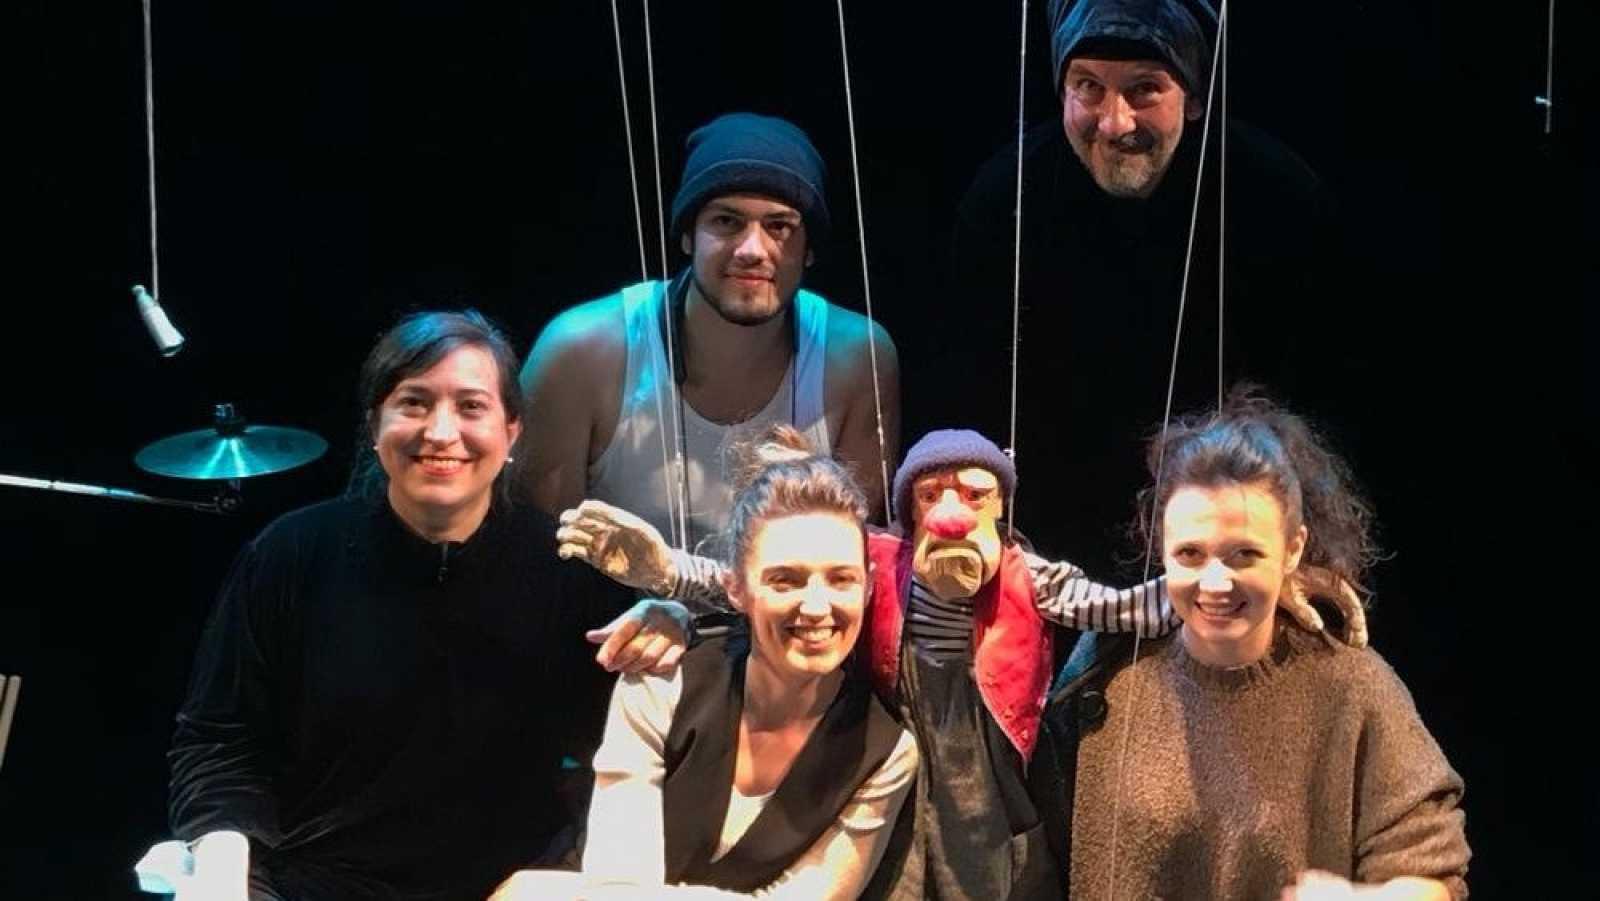 La sala - Títeres Etcétera, 25 años de cuentos en Los Silos y dramaturgia transmedia del Festival de Otoño de Madrid - 29/11/20 - escuchar ahora